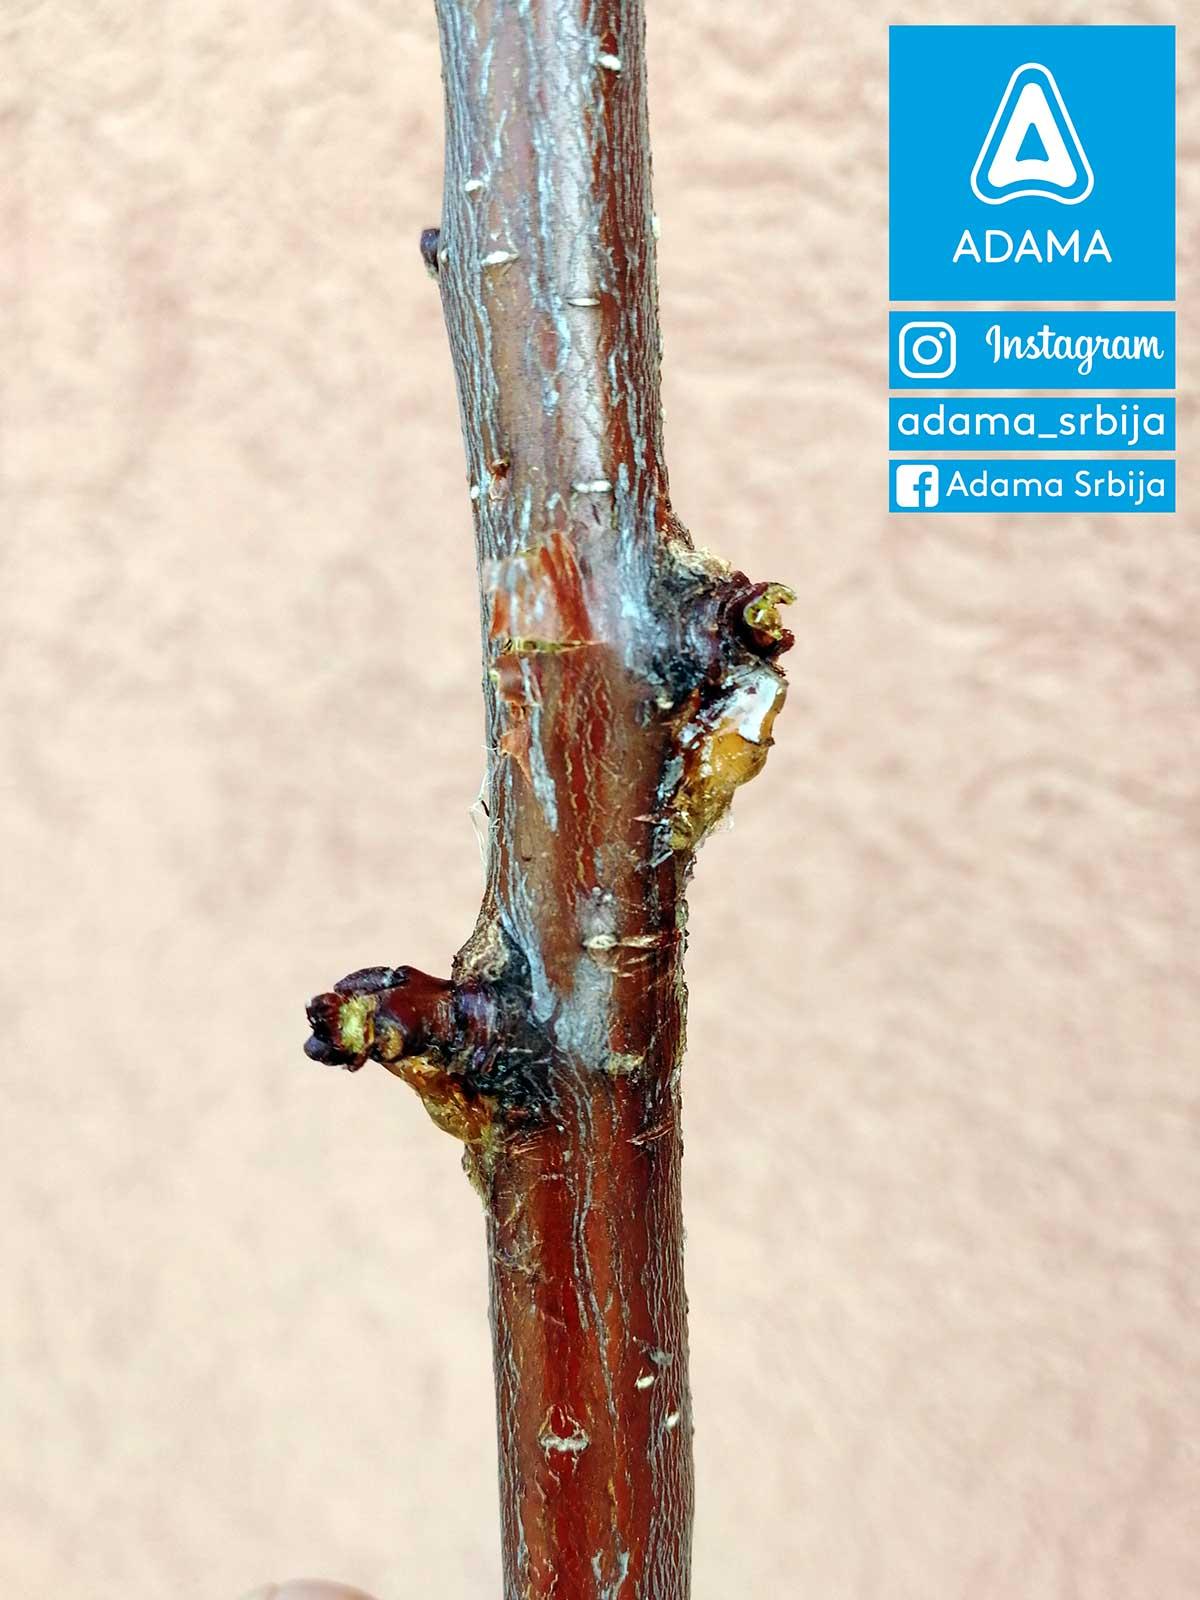 Agrosaveti---Adama---Jesenje-plavo-prskanje---bakterije---kosticavo-voce---bakterijski-eksudat-na-kajsiji-03